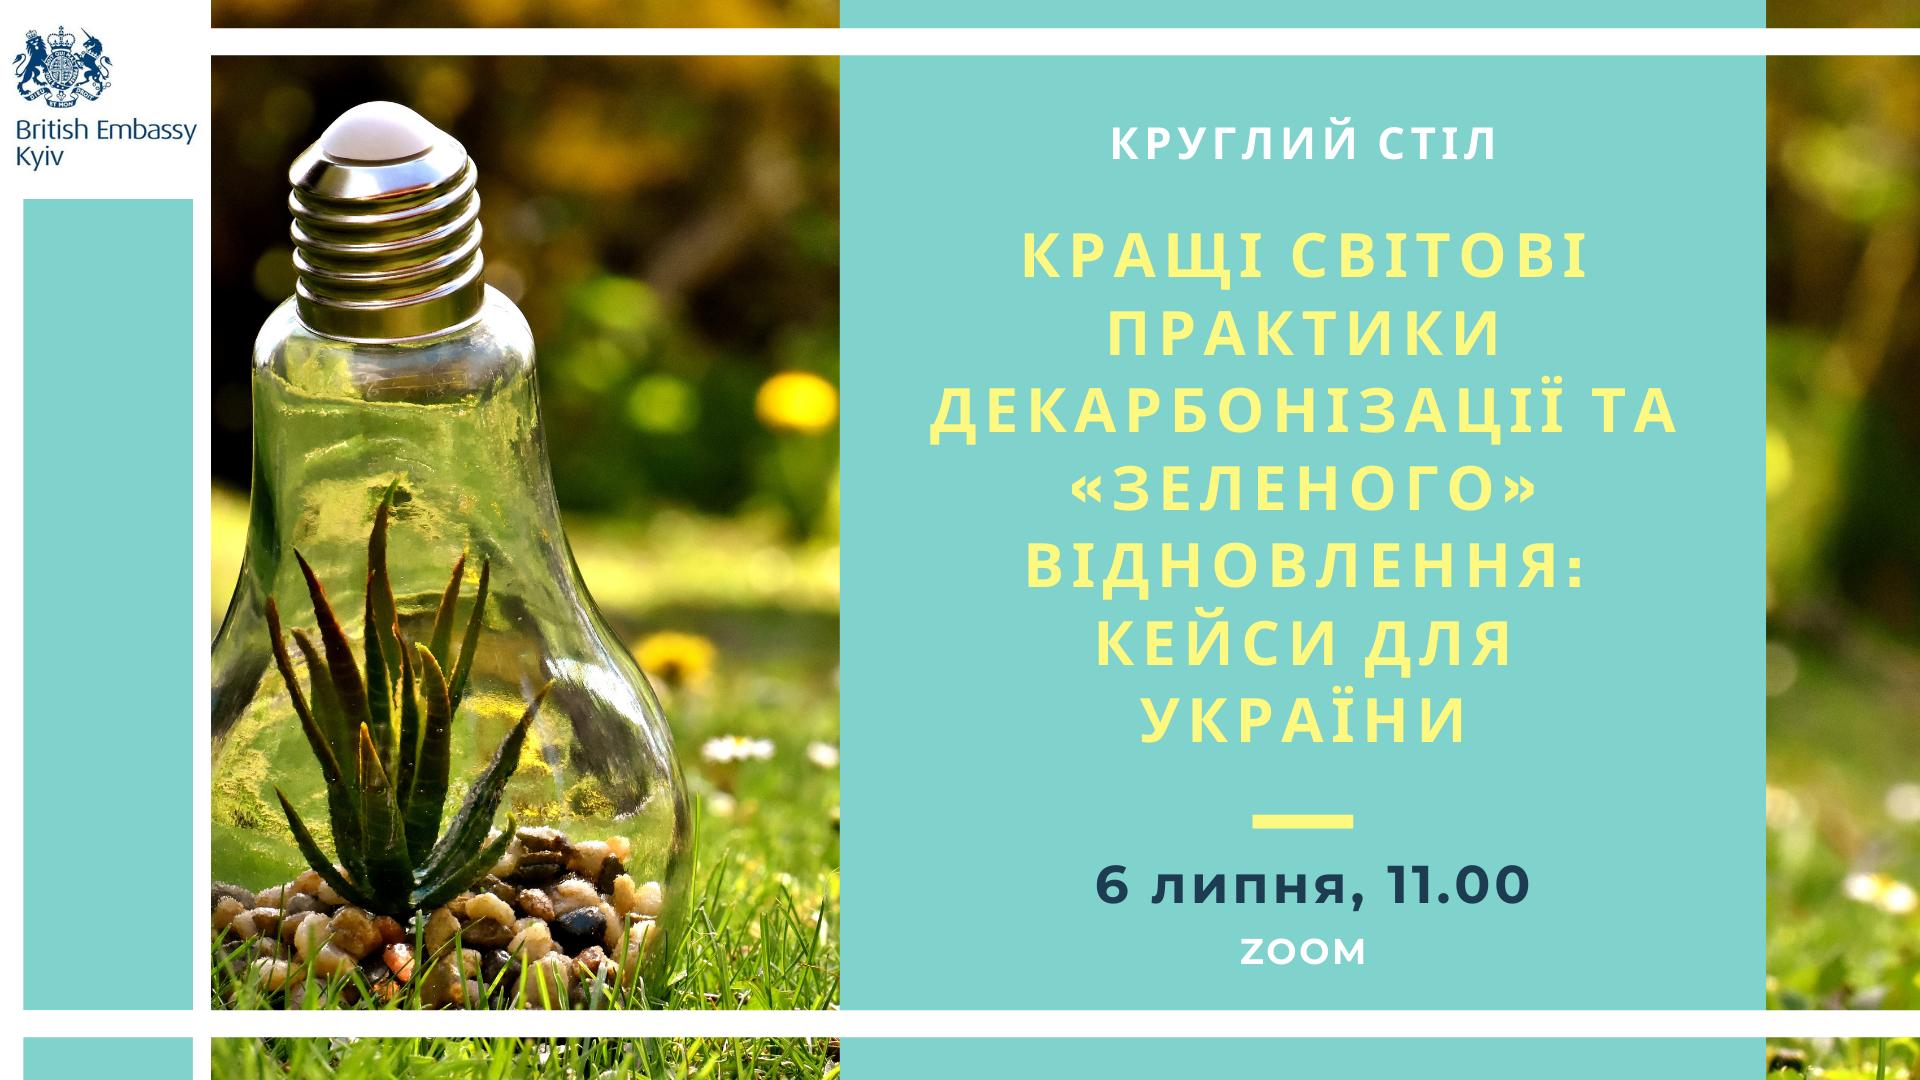 Круглий стіл «Кращі світові практики декарбонізації та «зеленого» відновлення: кейси для України»